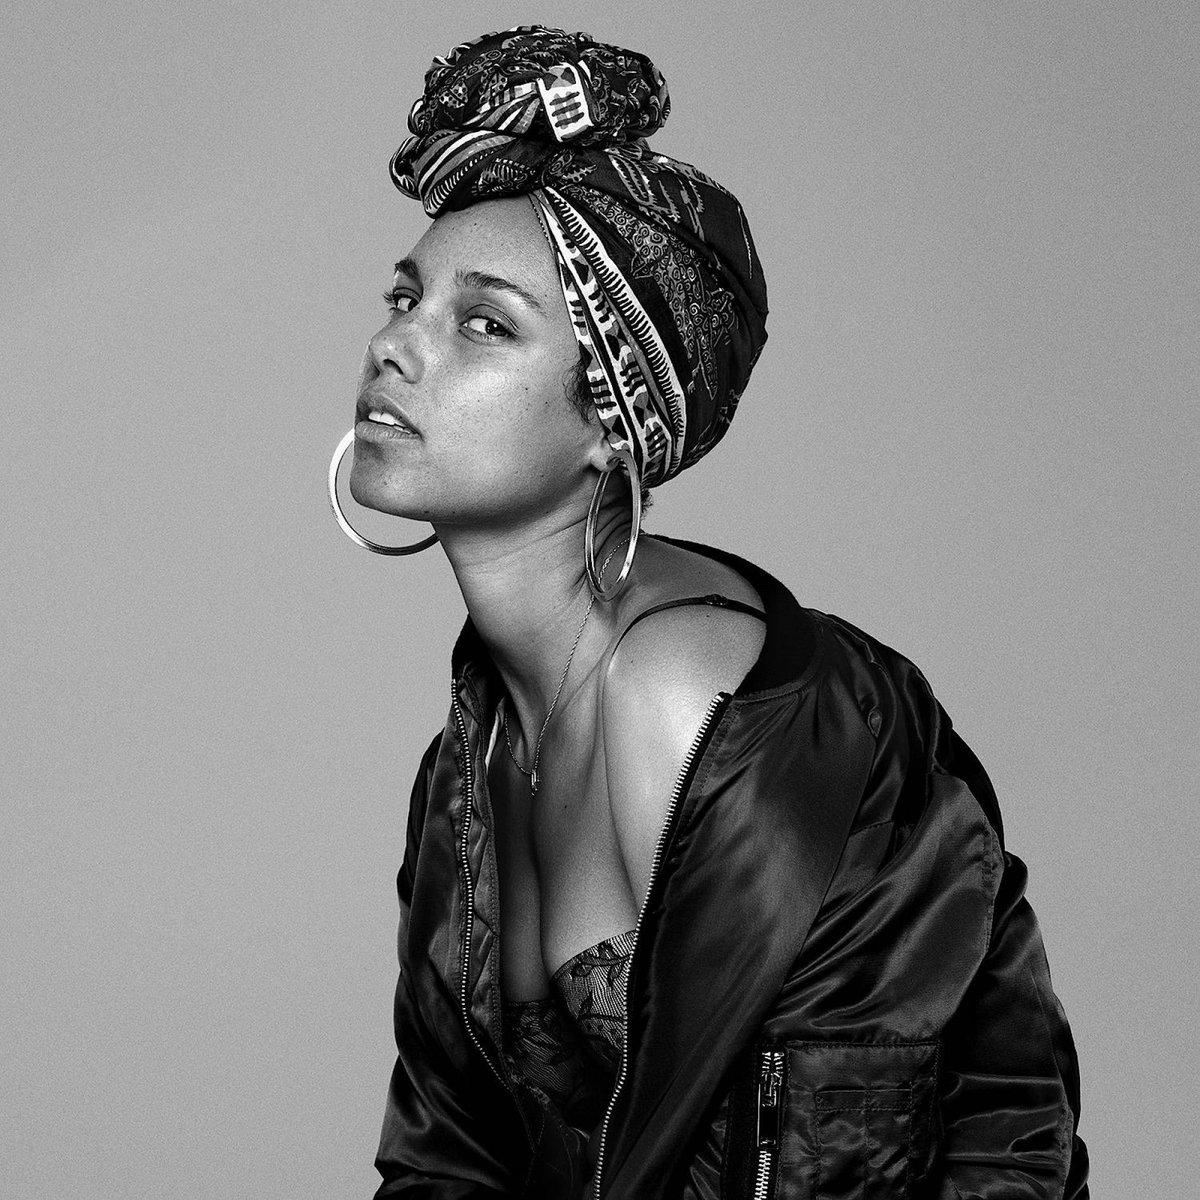 #Histórico| ¡Feliz cumpleaños, @aliciakeys! Keys ha recibido 15 Premios Grammy y 29 nominaciones a lo largo de su carrera. Recordamos nuestra charla con la cantante de soul y R&B ->  #ALICIA